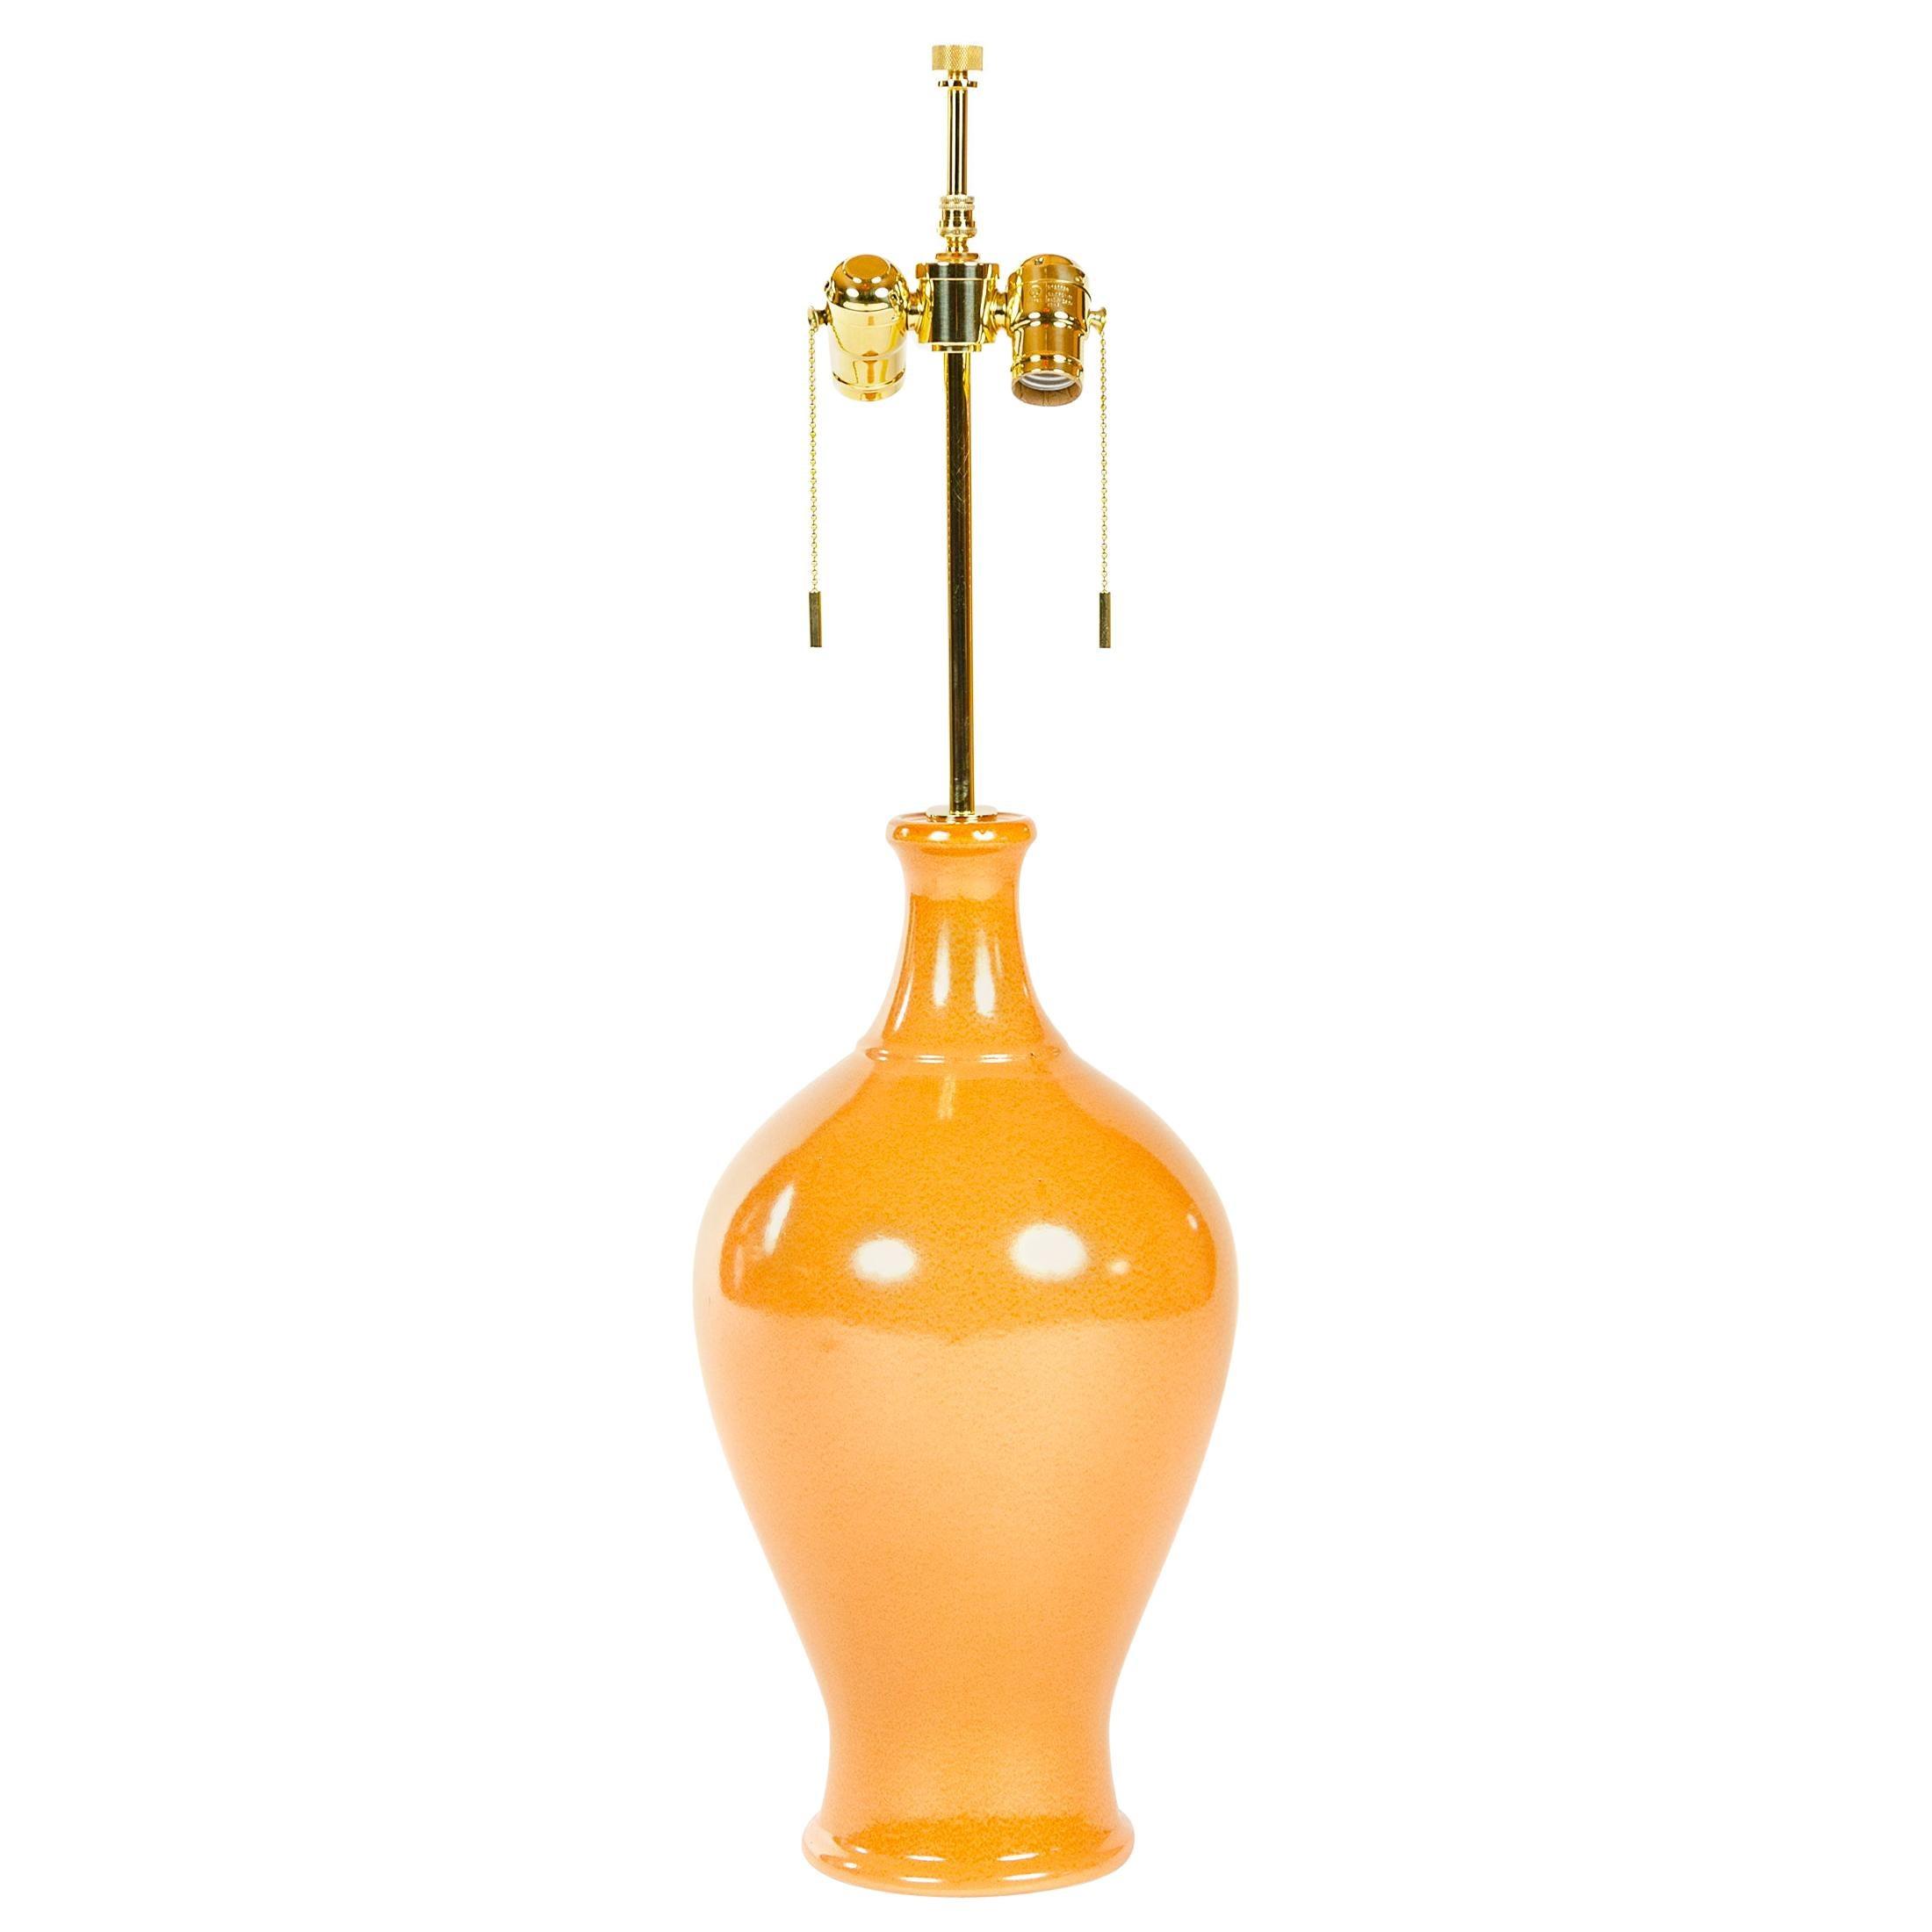 1970s Ceramic Table Lamp by Lee Rosen for Design Technics